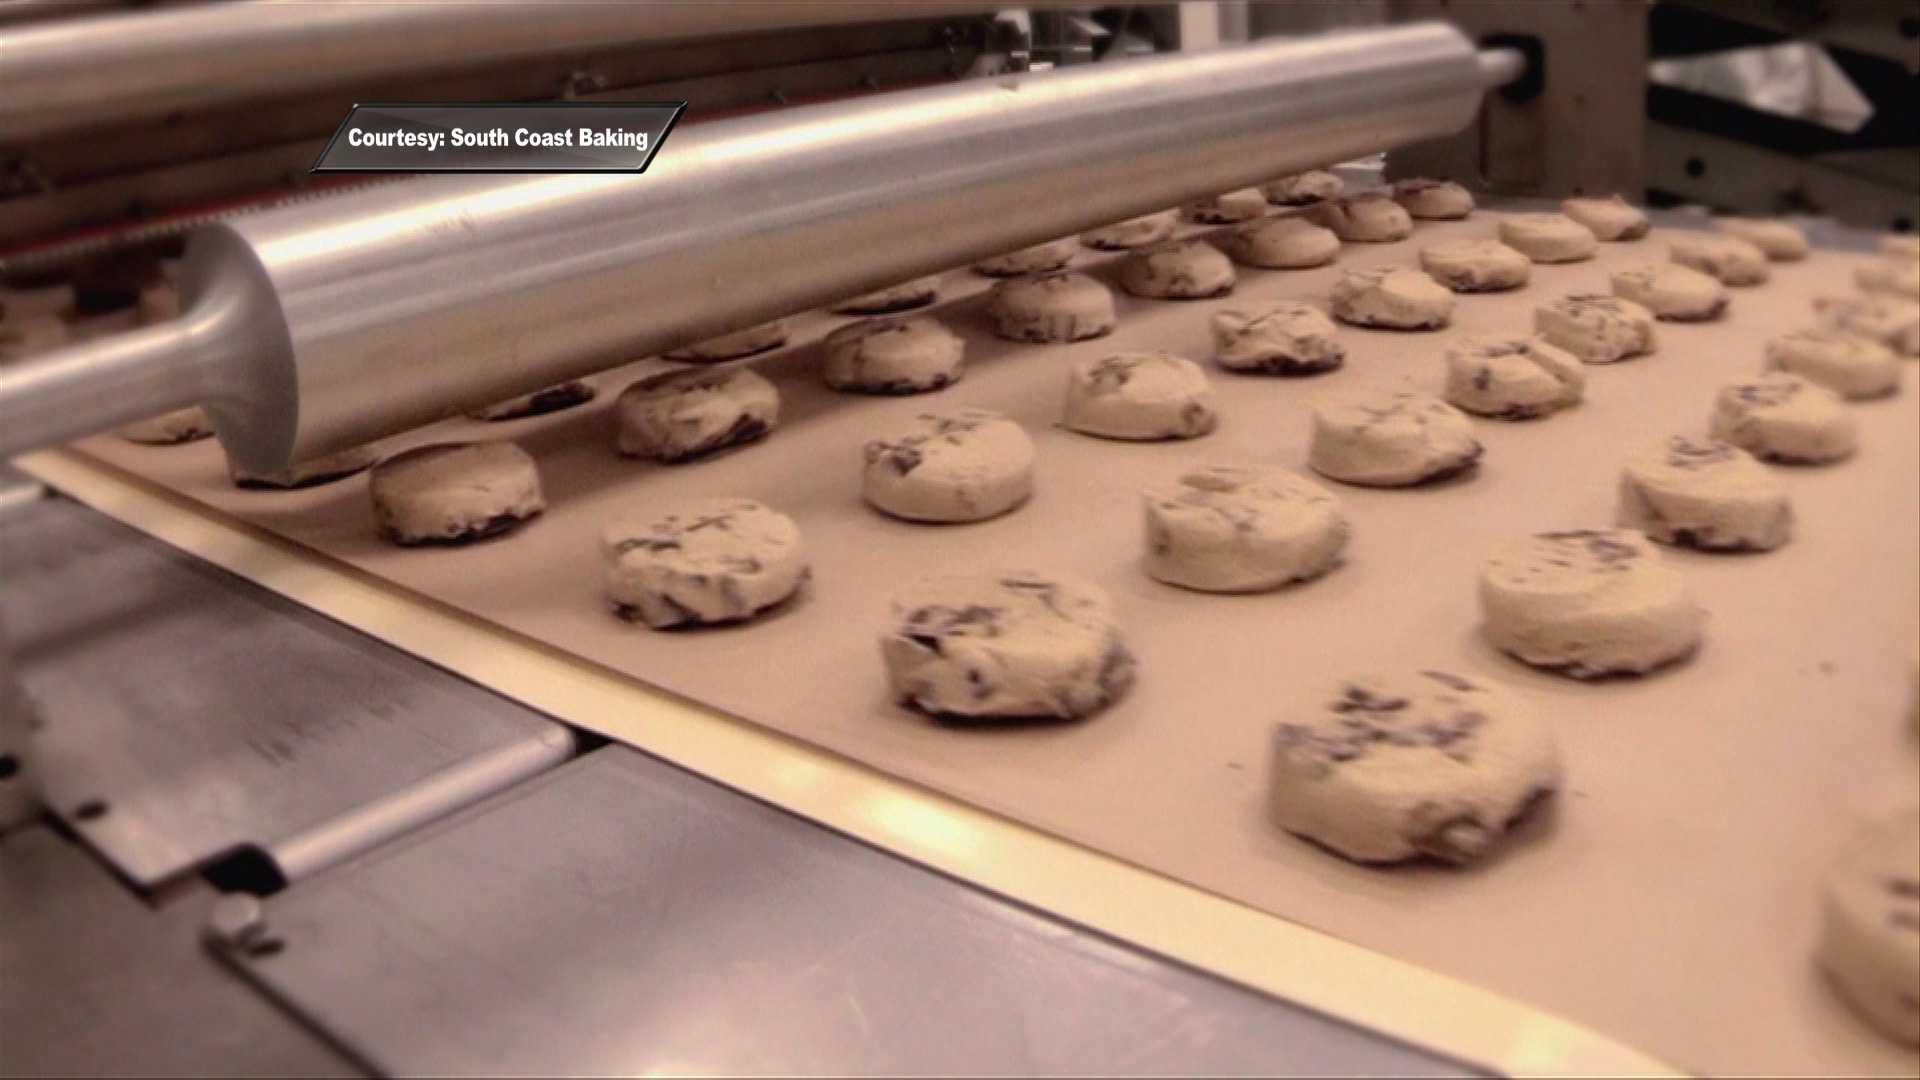 Say It Isn't So! But It's So — CDC Says 'No' To Raw Cookie Dough